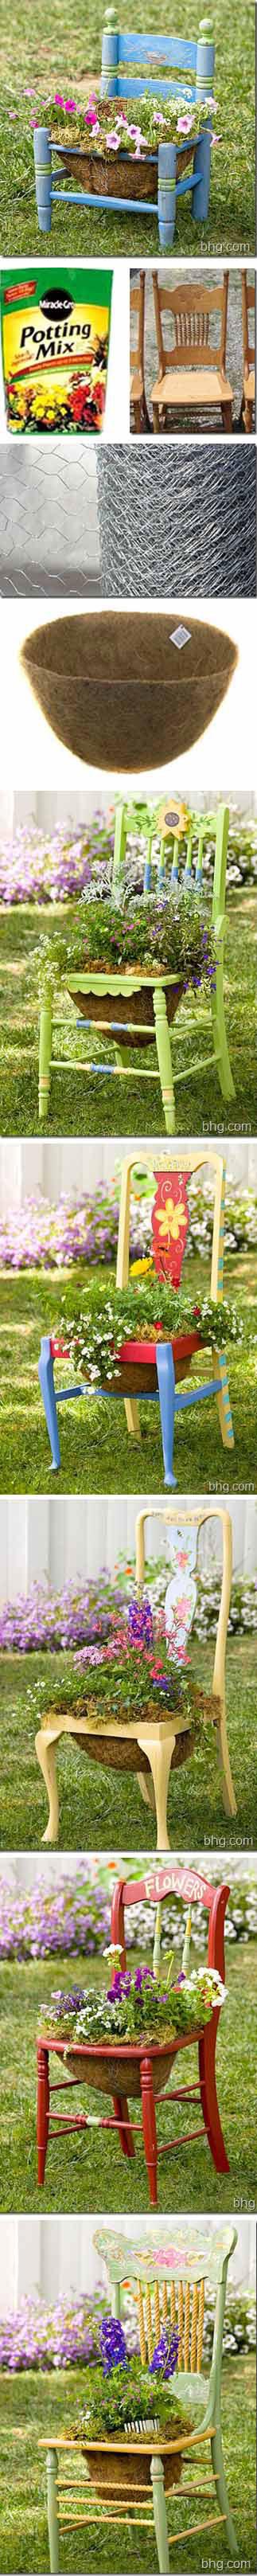 sillas-recicladas-en-jardineras-diy2.jpg 323×3235 pixels